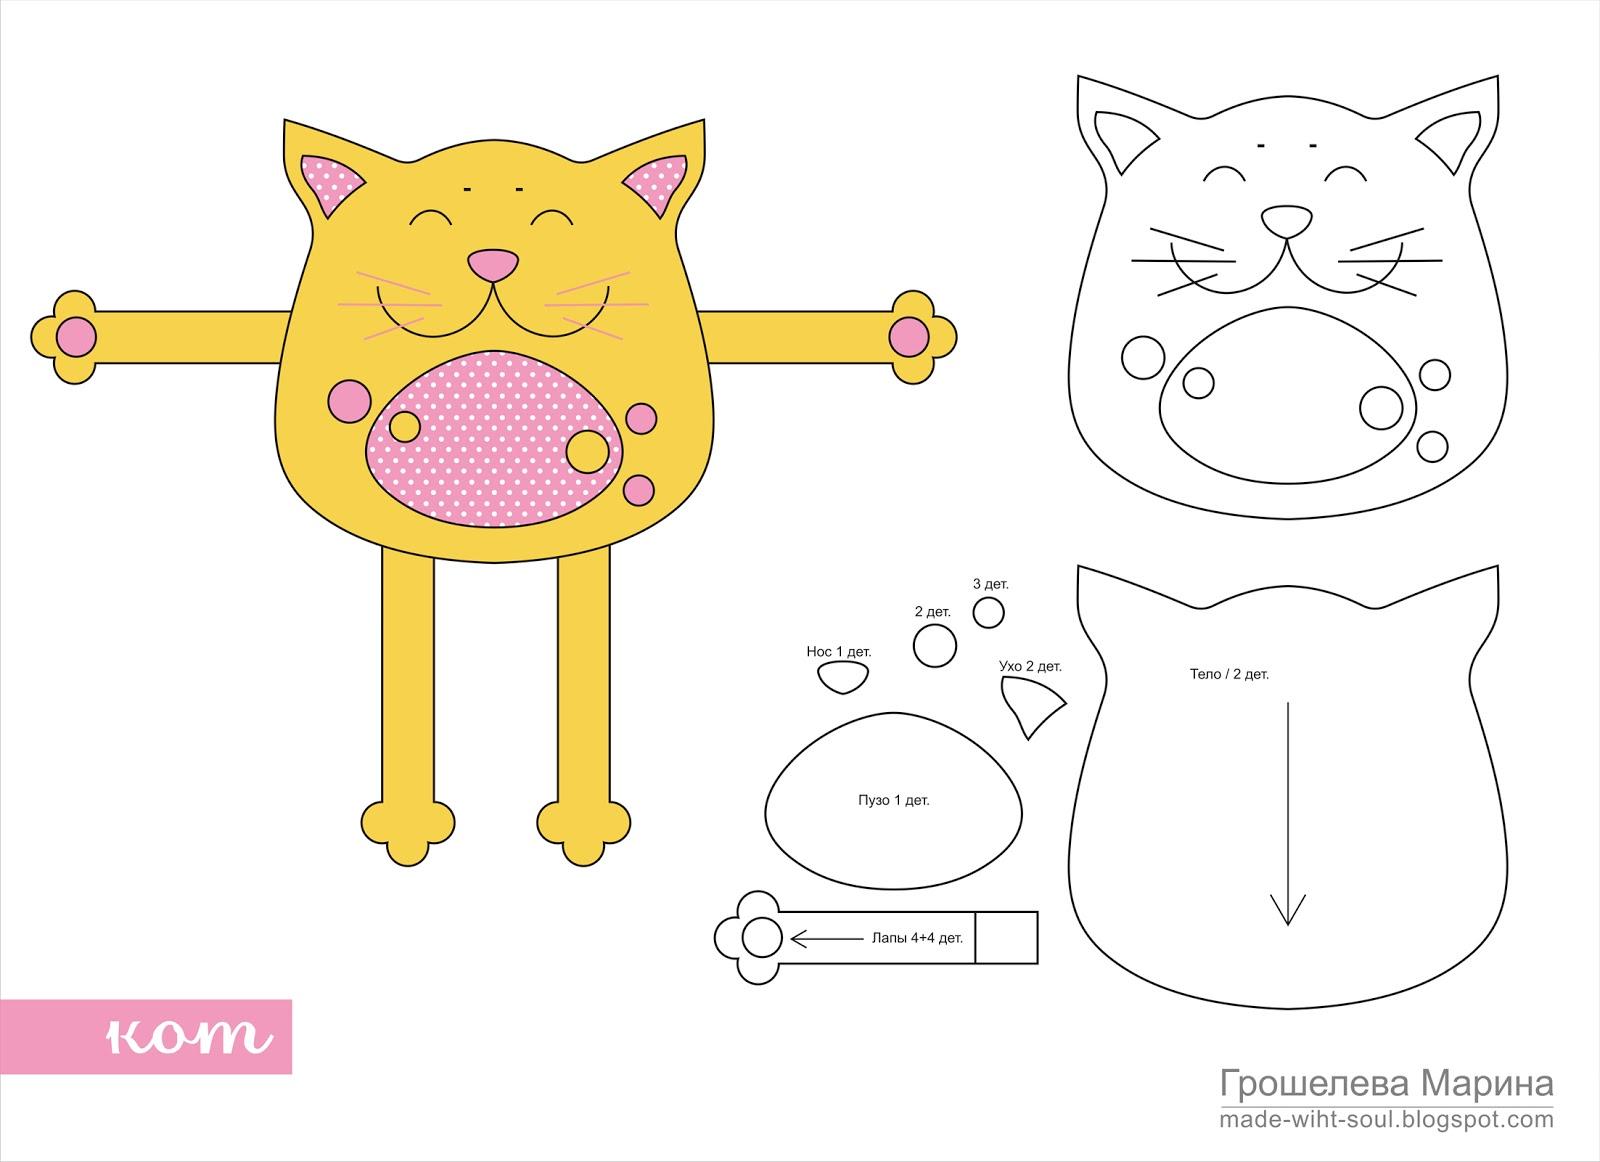 Котик из фетра своими руками схемы шаблоны